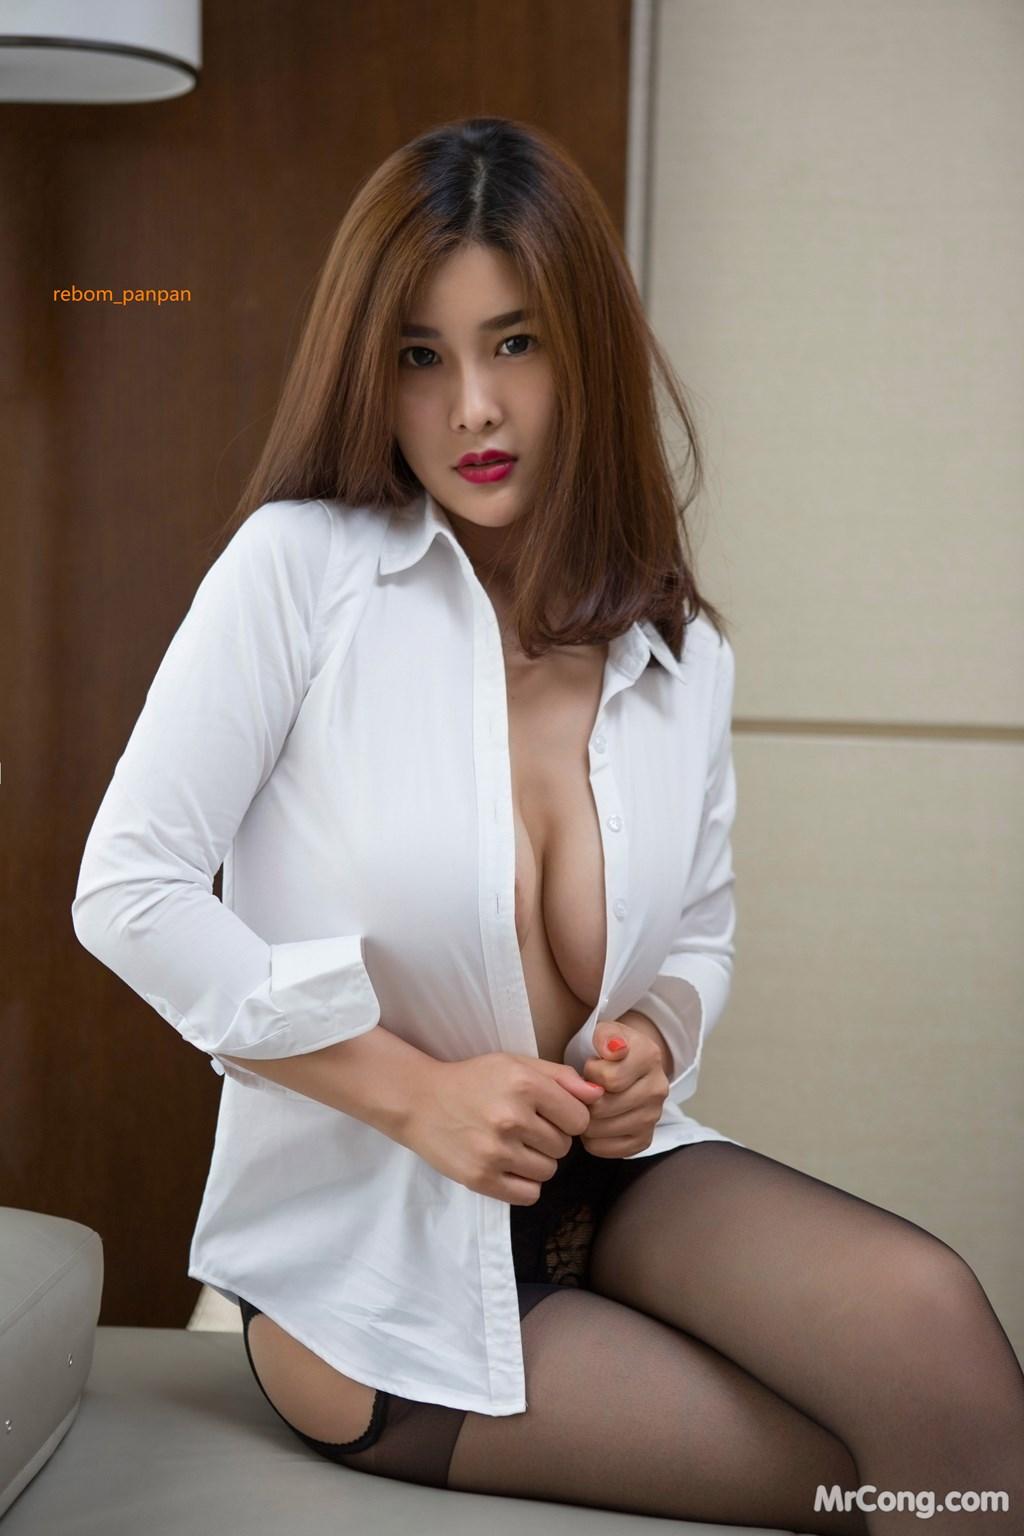 Image Yan-Pan-Pan-Part-4-MrCong.com-034 in post Người đẹp Yan Pan Pan (闫盼盼) hờ hững khoe vòng một trên giường ngủ (40 ảnh)